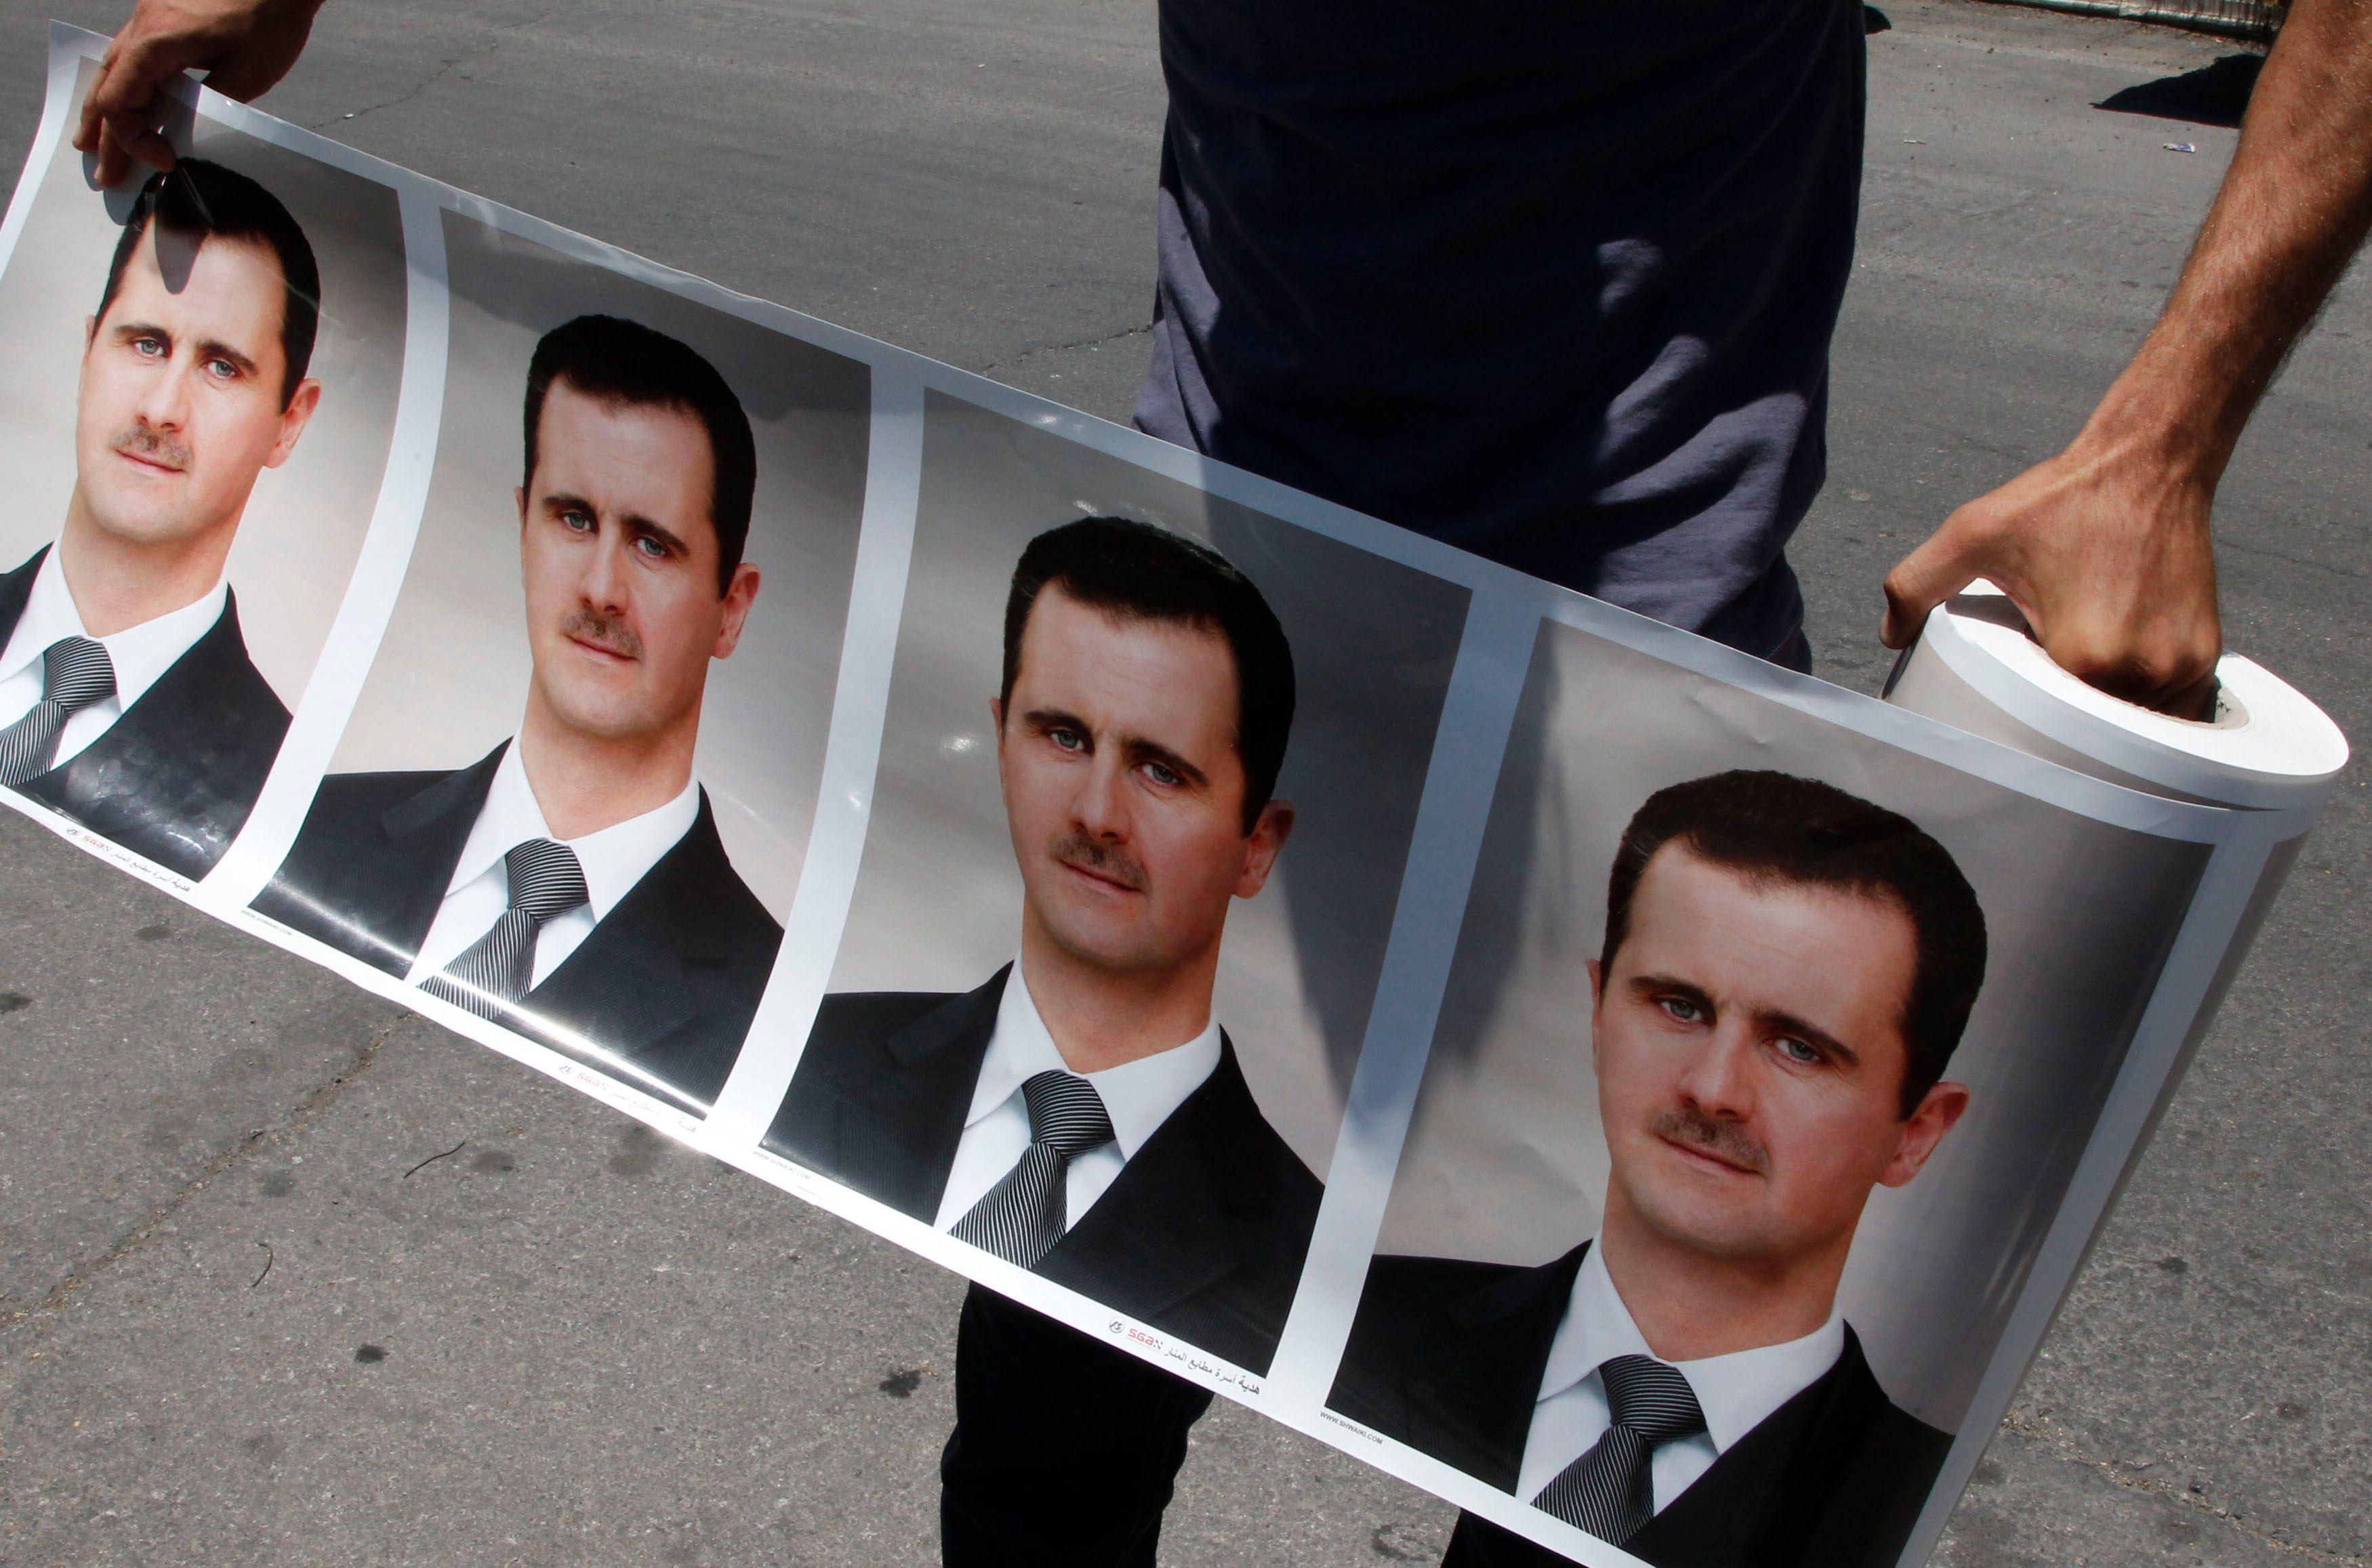 Les Français ne veulent pas d'une intervention armée en Syrie